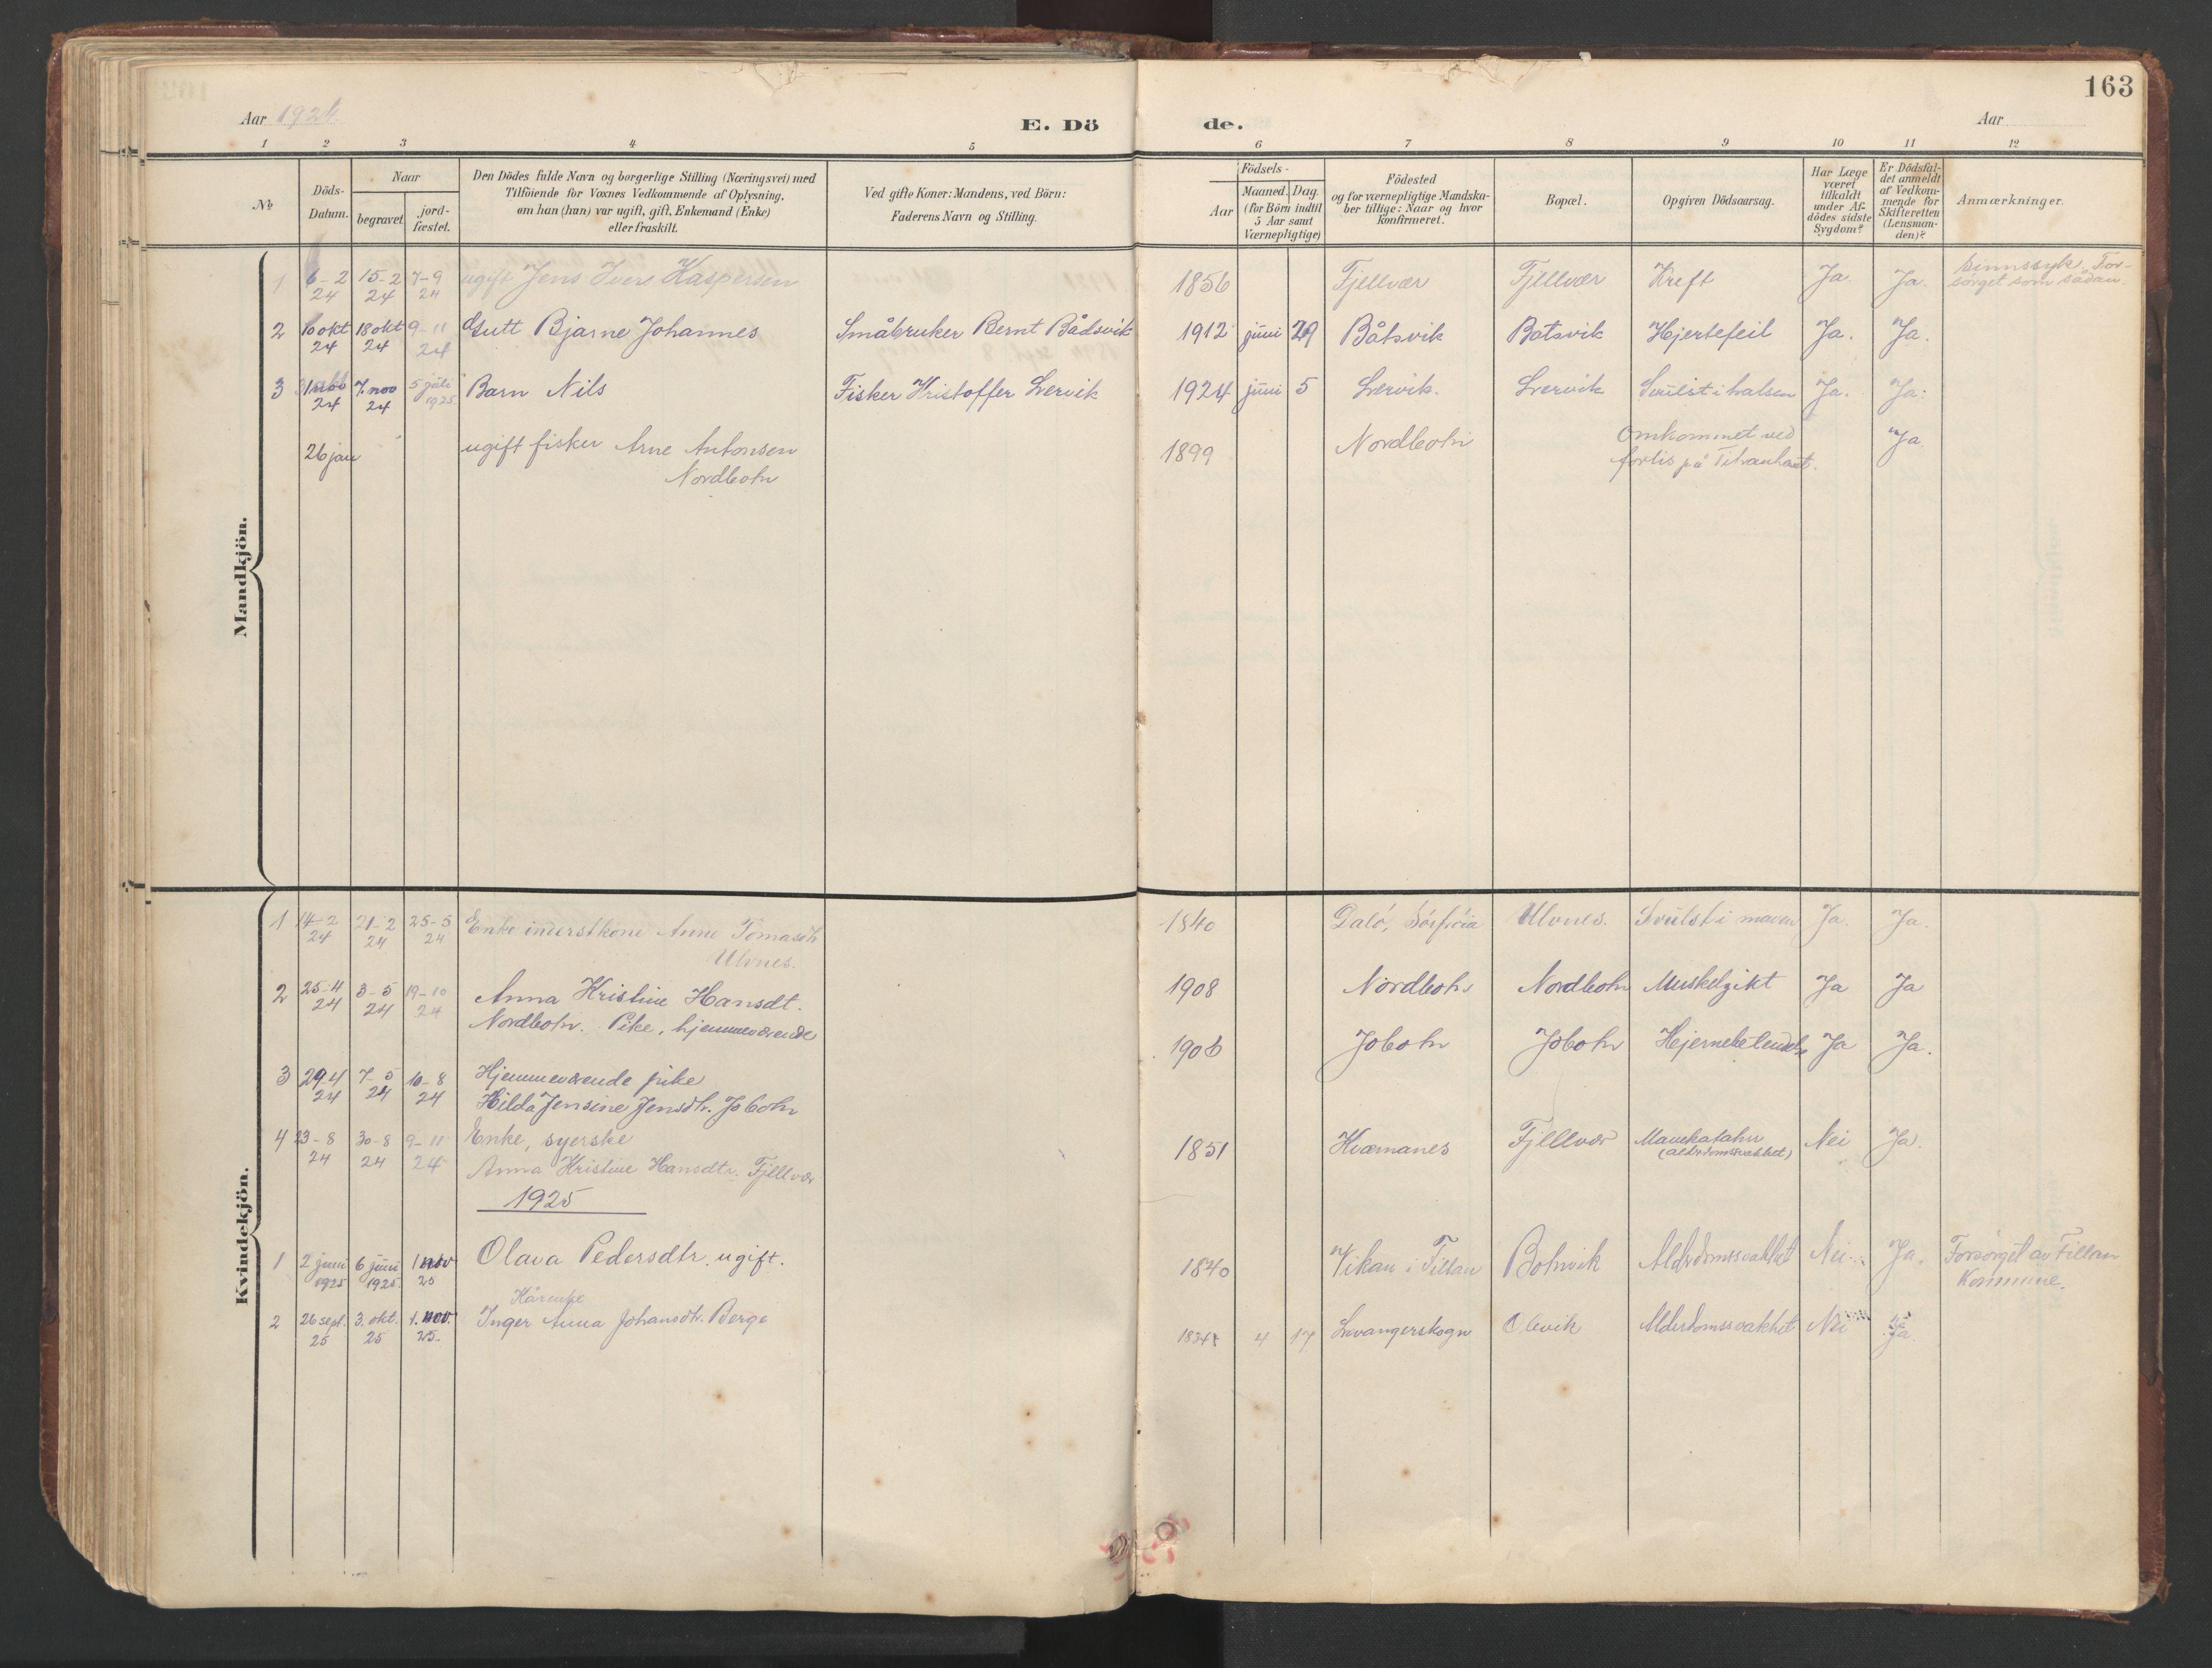 SAT, Ministerialprotokoller, klokkerbøker og fødselsregistre - Sør-Trøndelag, 638/L0571: Klokkerbok nr. 638C03, 1901-1930, s. 163